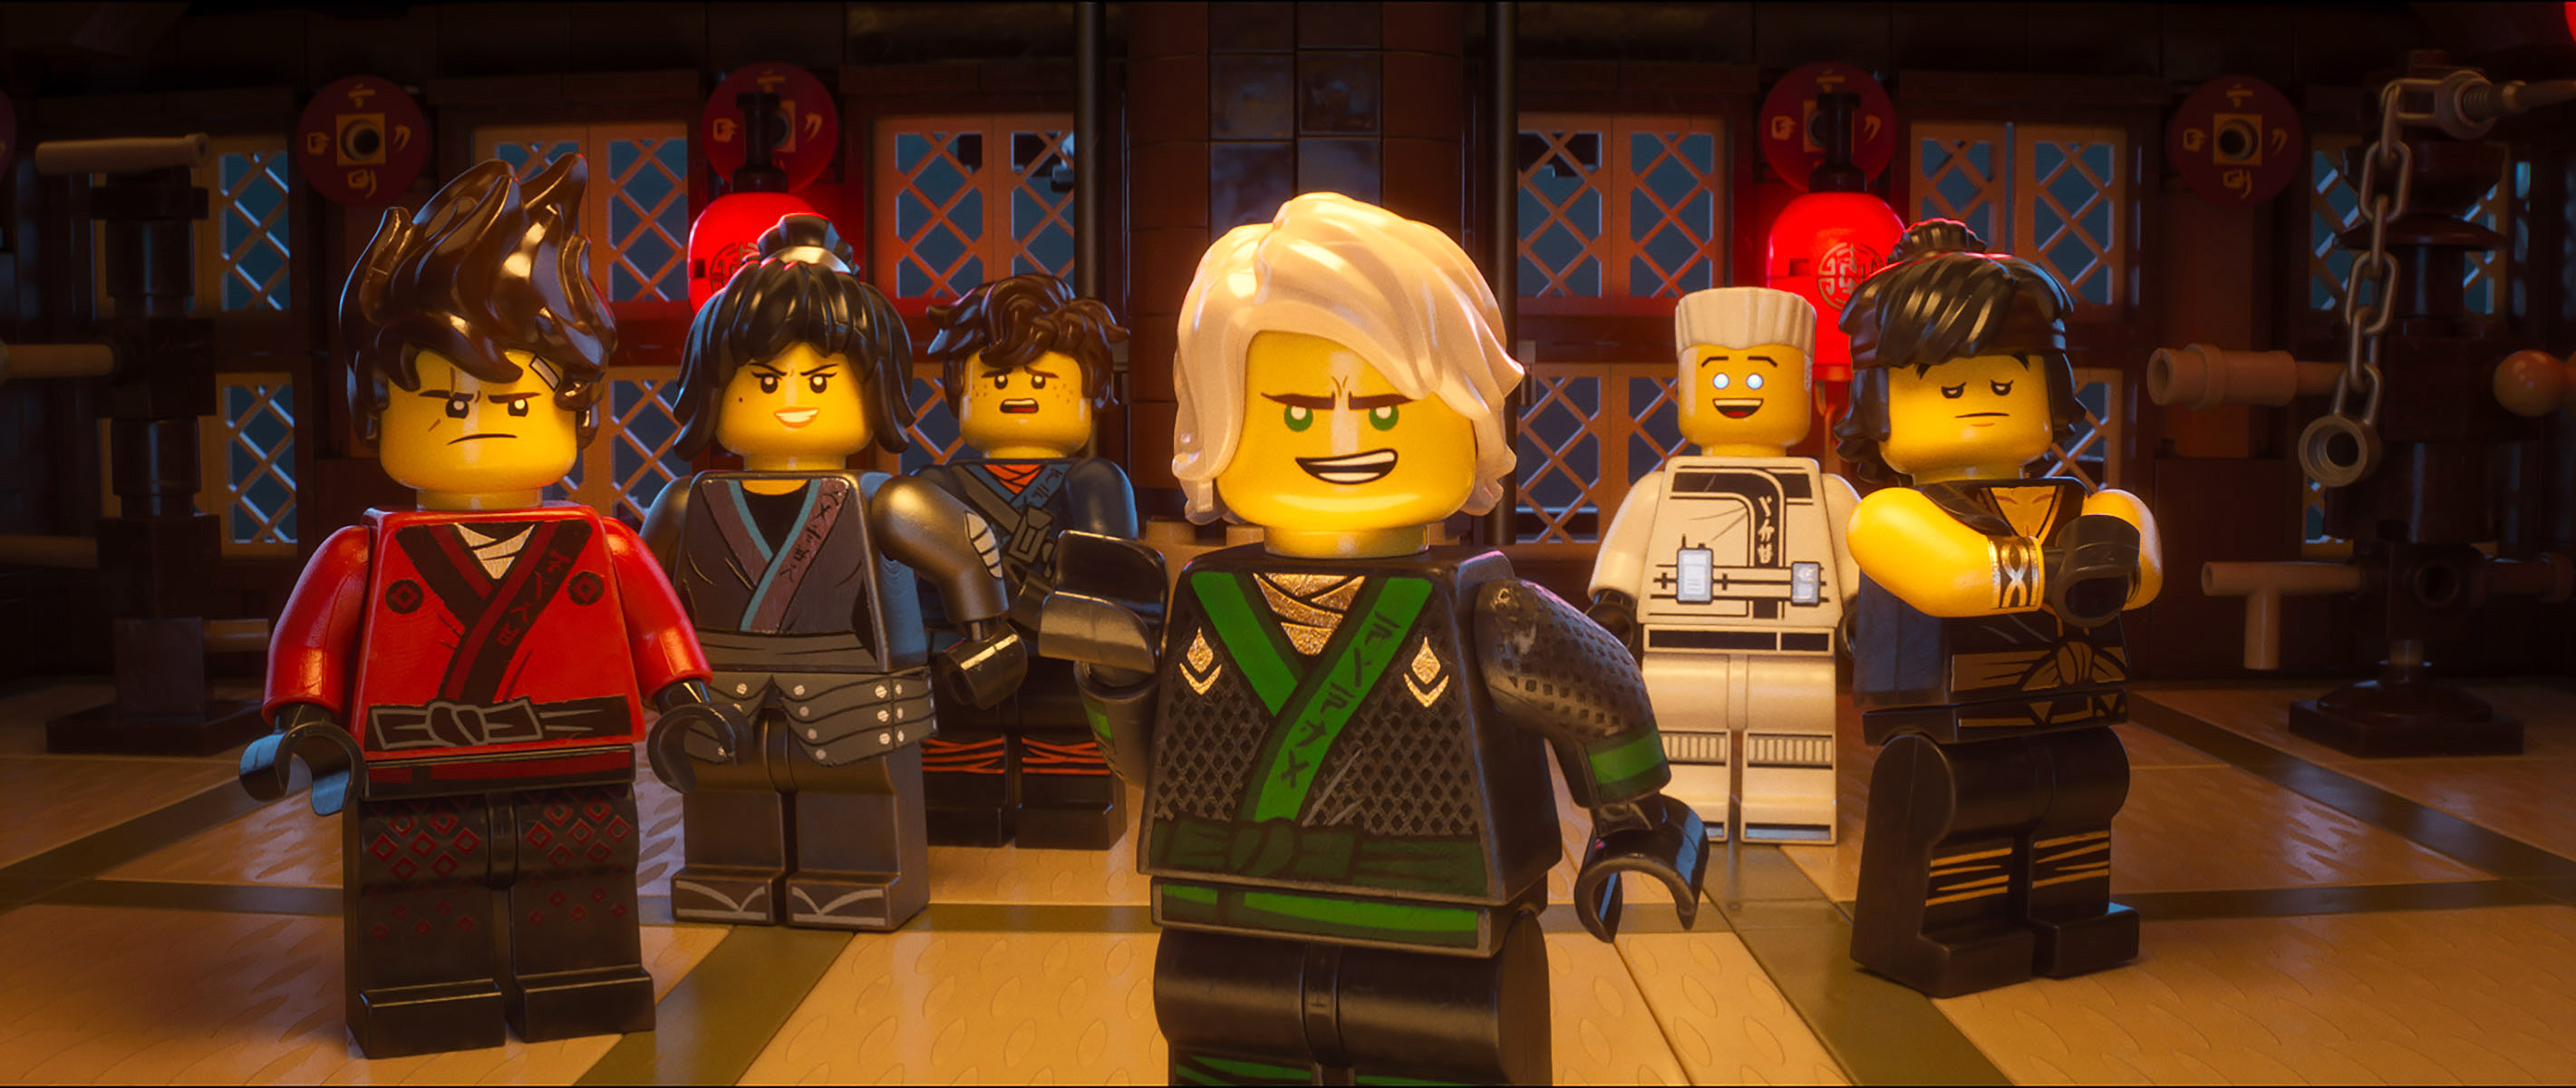 LEGO Ninjago Movie Review at iPic sponsored by Kango